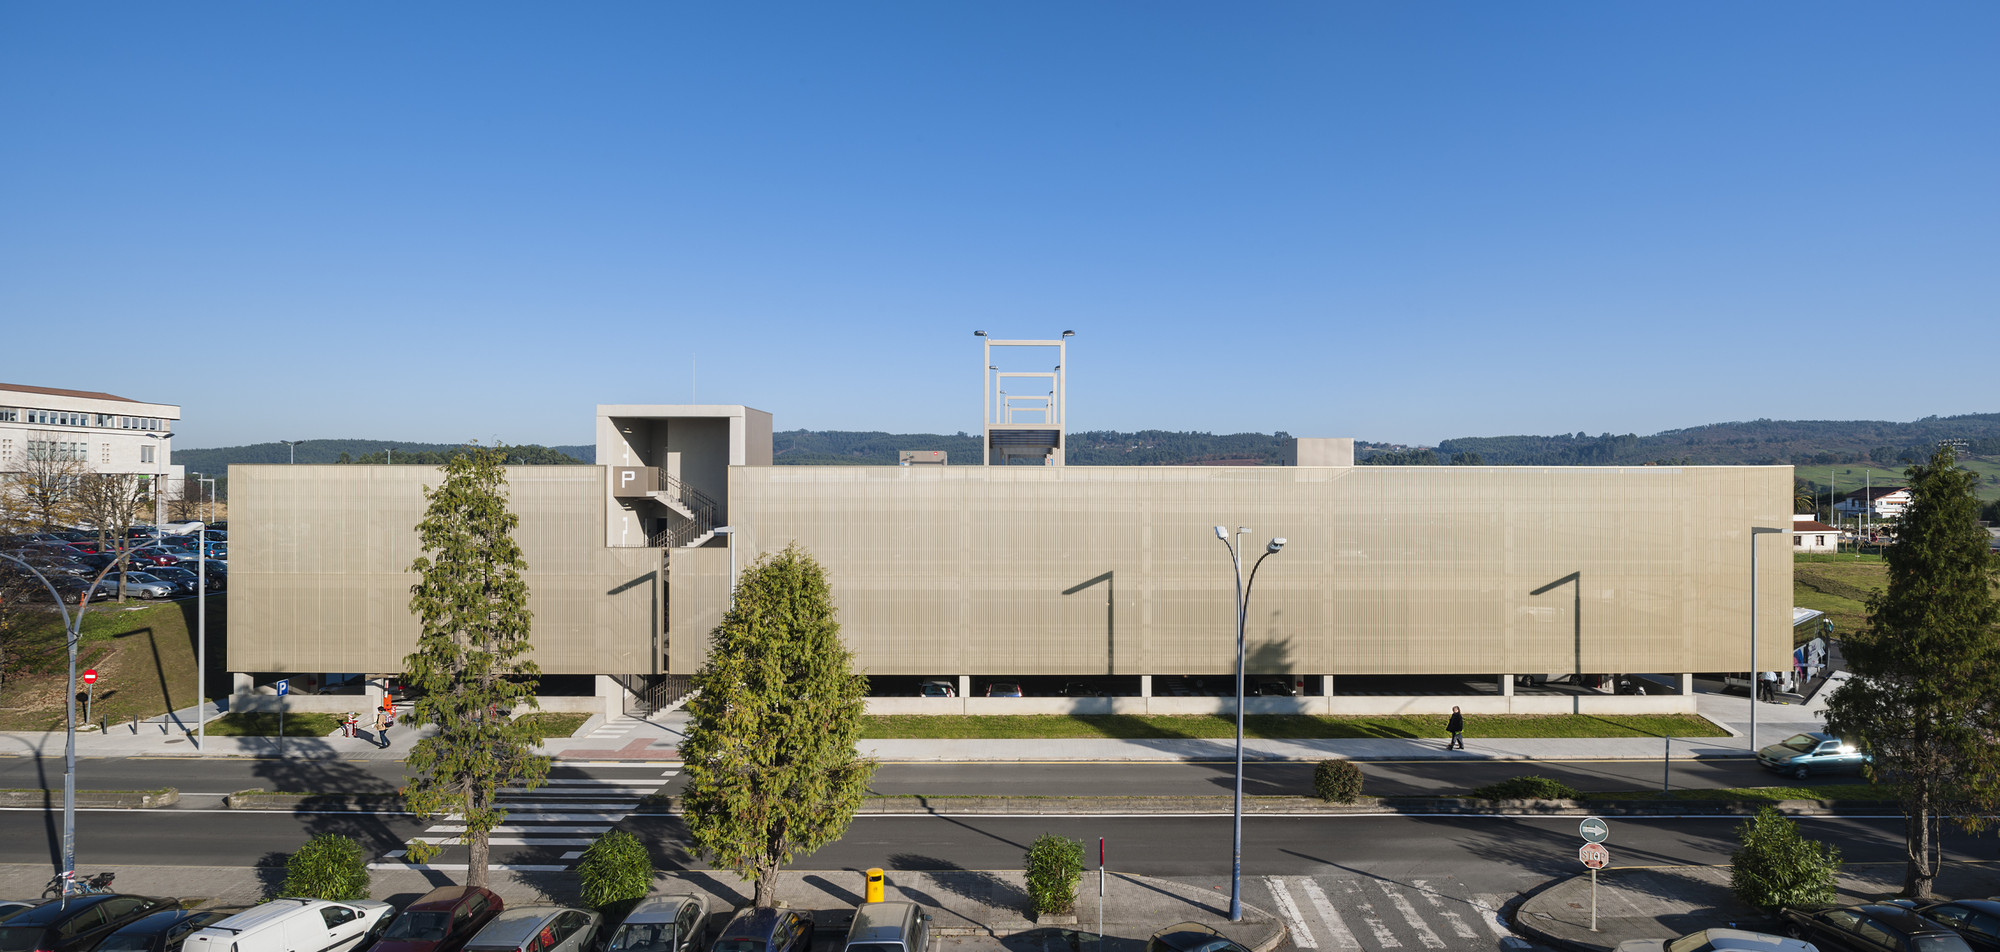 Parking Building / JAAM sociedad de arquitectura, © Iñigo Bujedo Aguirre